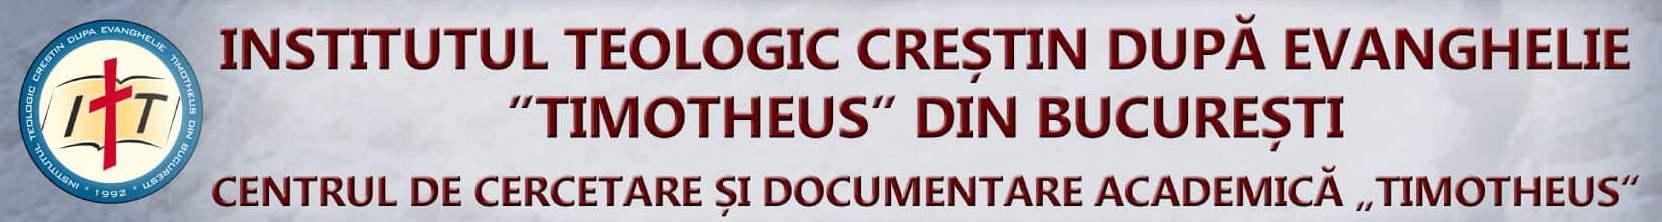 INSTITUTUL TEOLOGIC CRESTIN DUPA EVANGHELIE TIMOTHEUS BUCURESTI